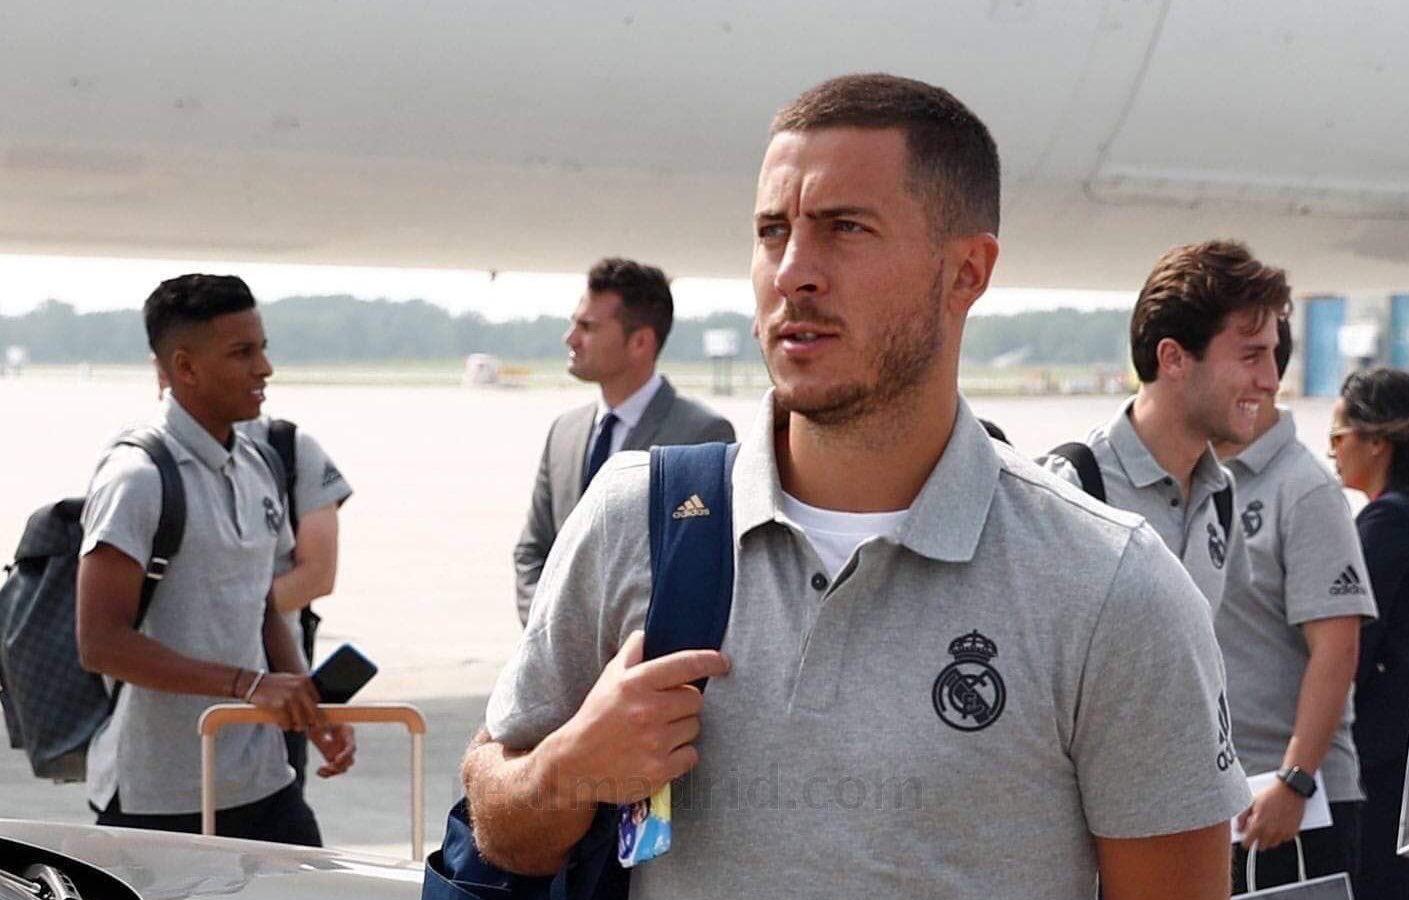 Звездното попълнение на Реал Мадрид Еден Азар е наясно колко